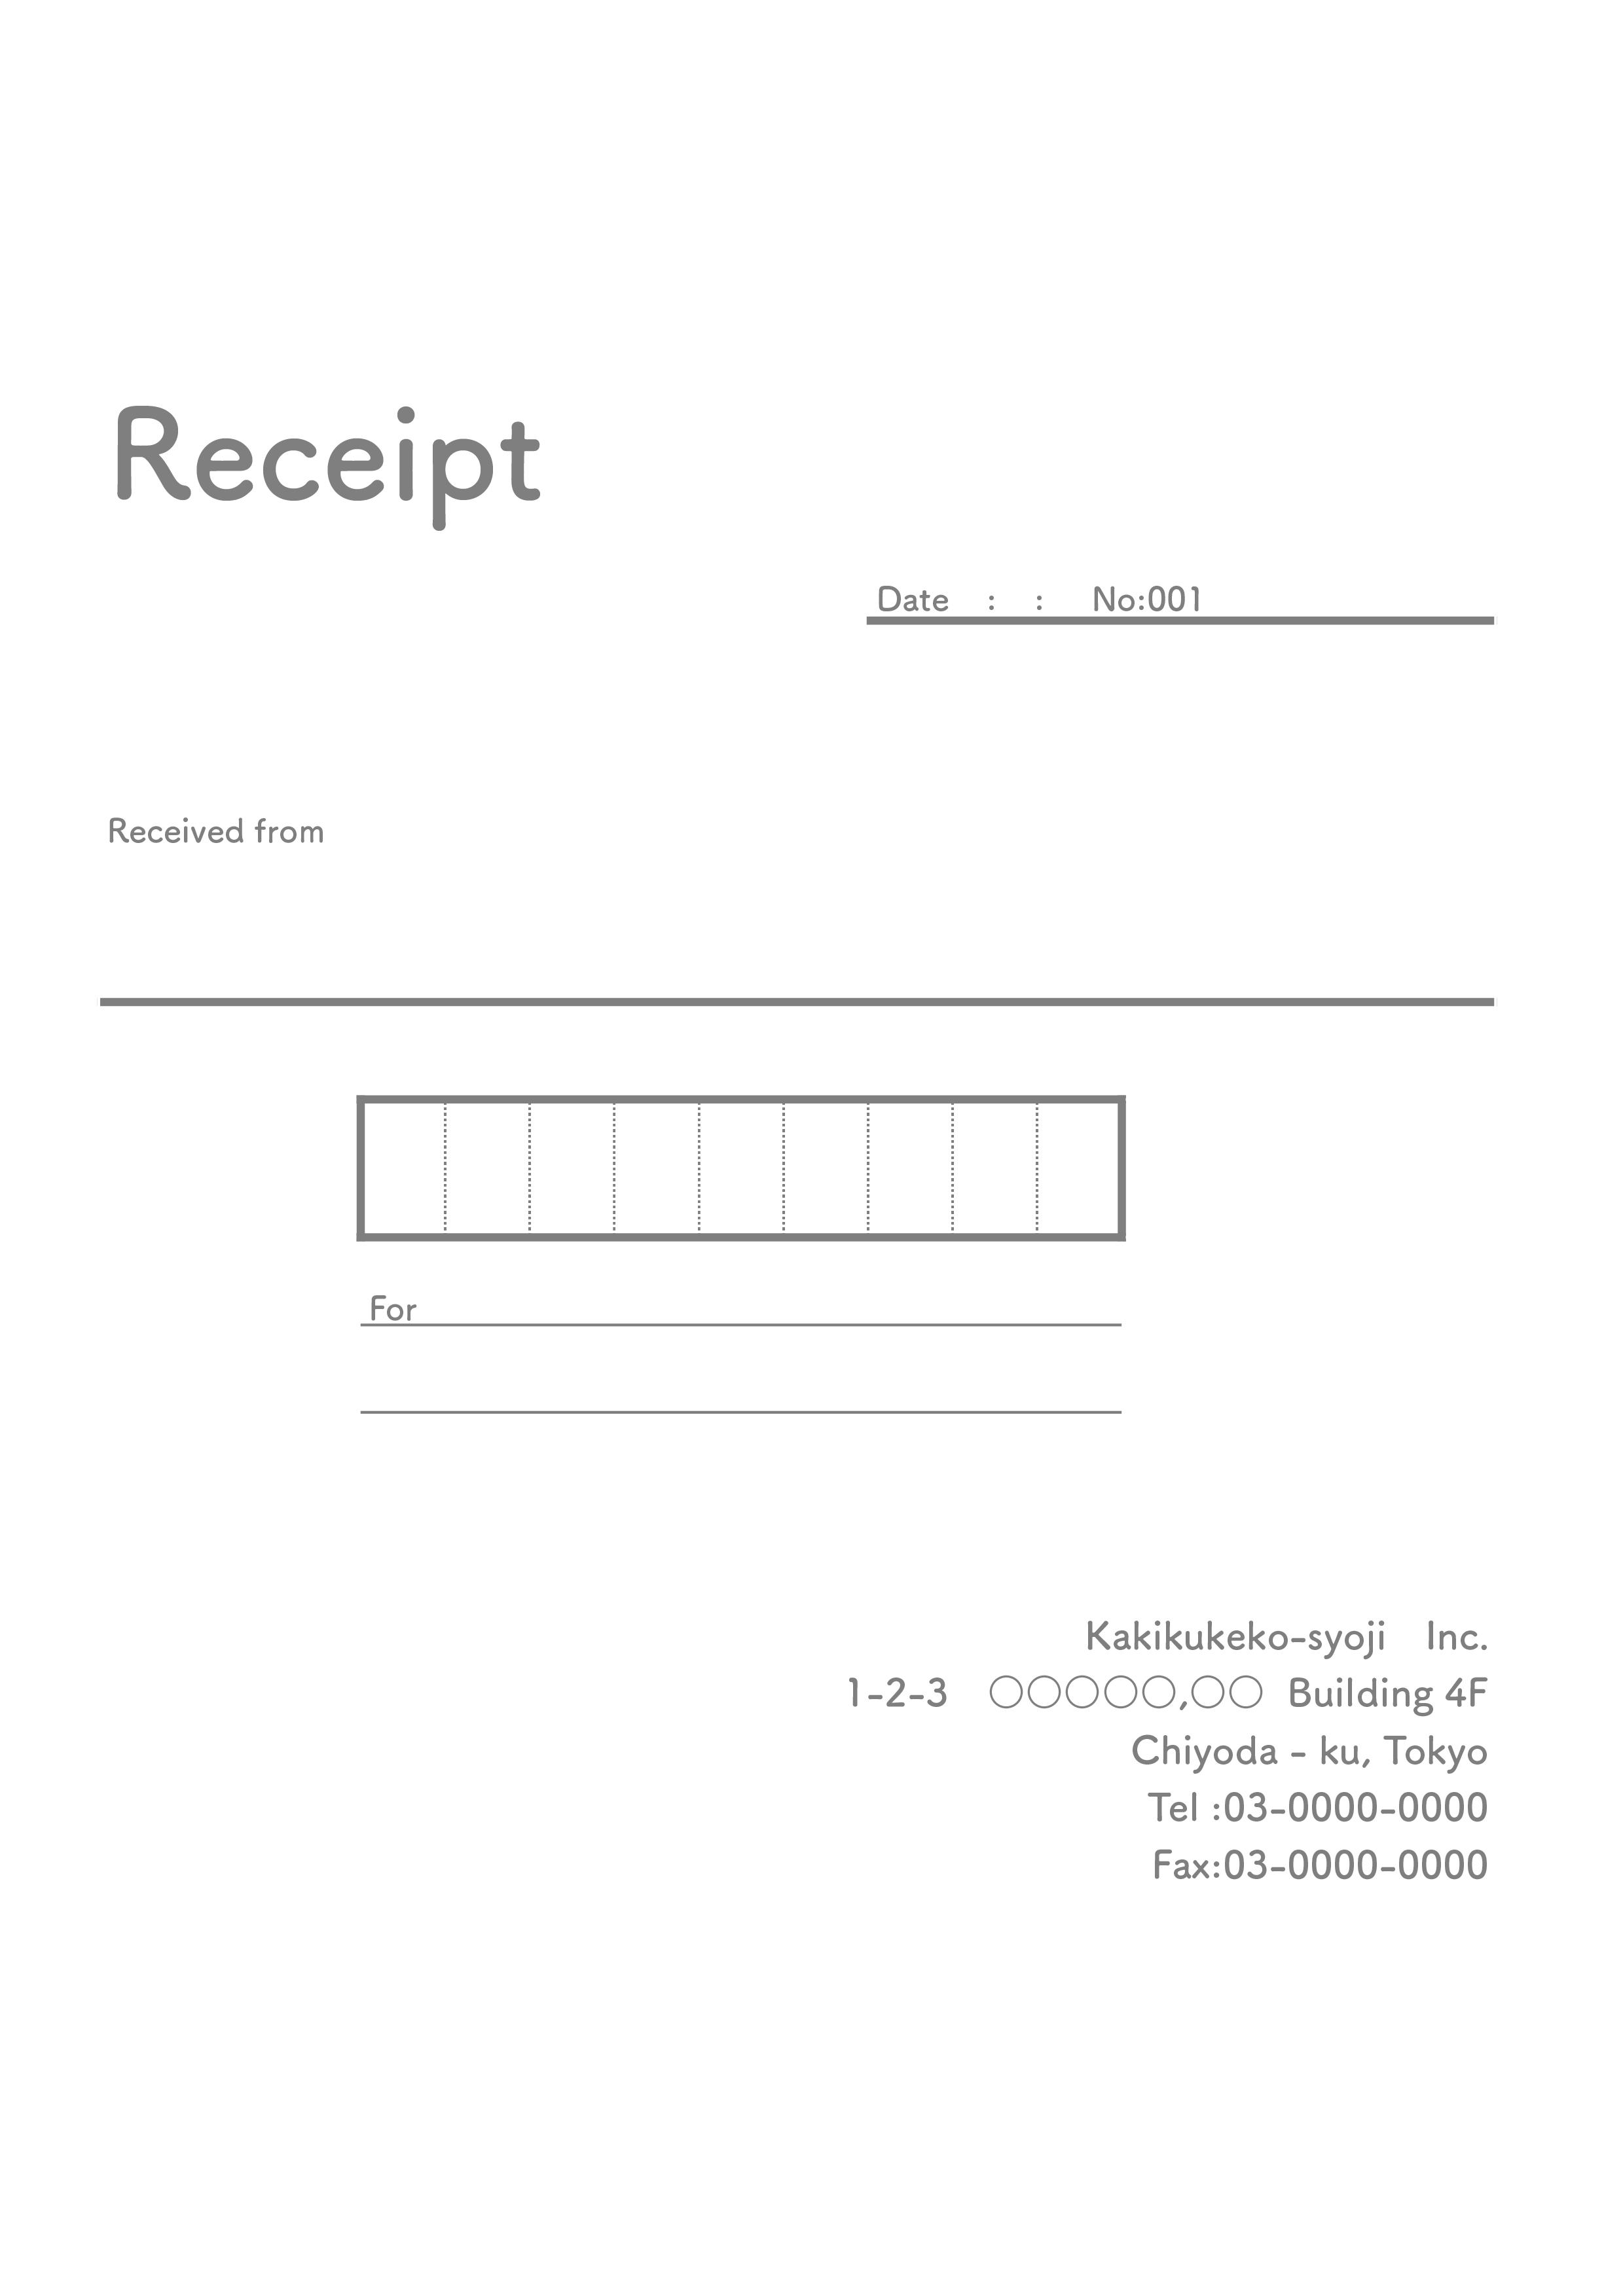 おしゃれな英字の領収書(Receipt)テンプレート(エクセル・ナンバーズ)A4 グレー